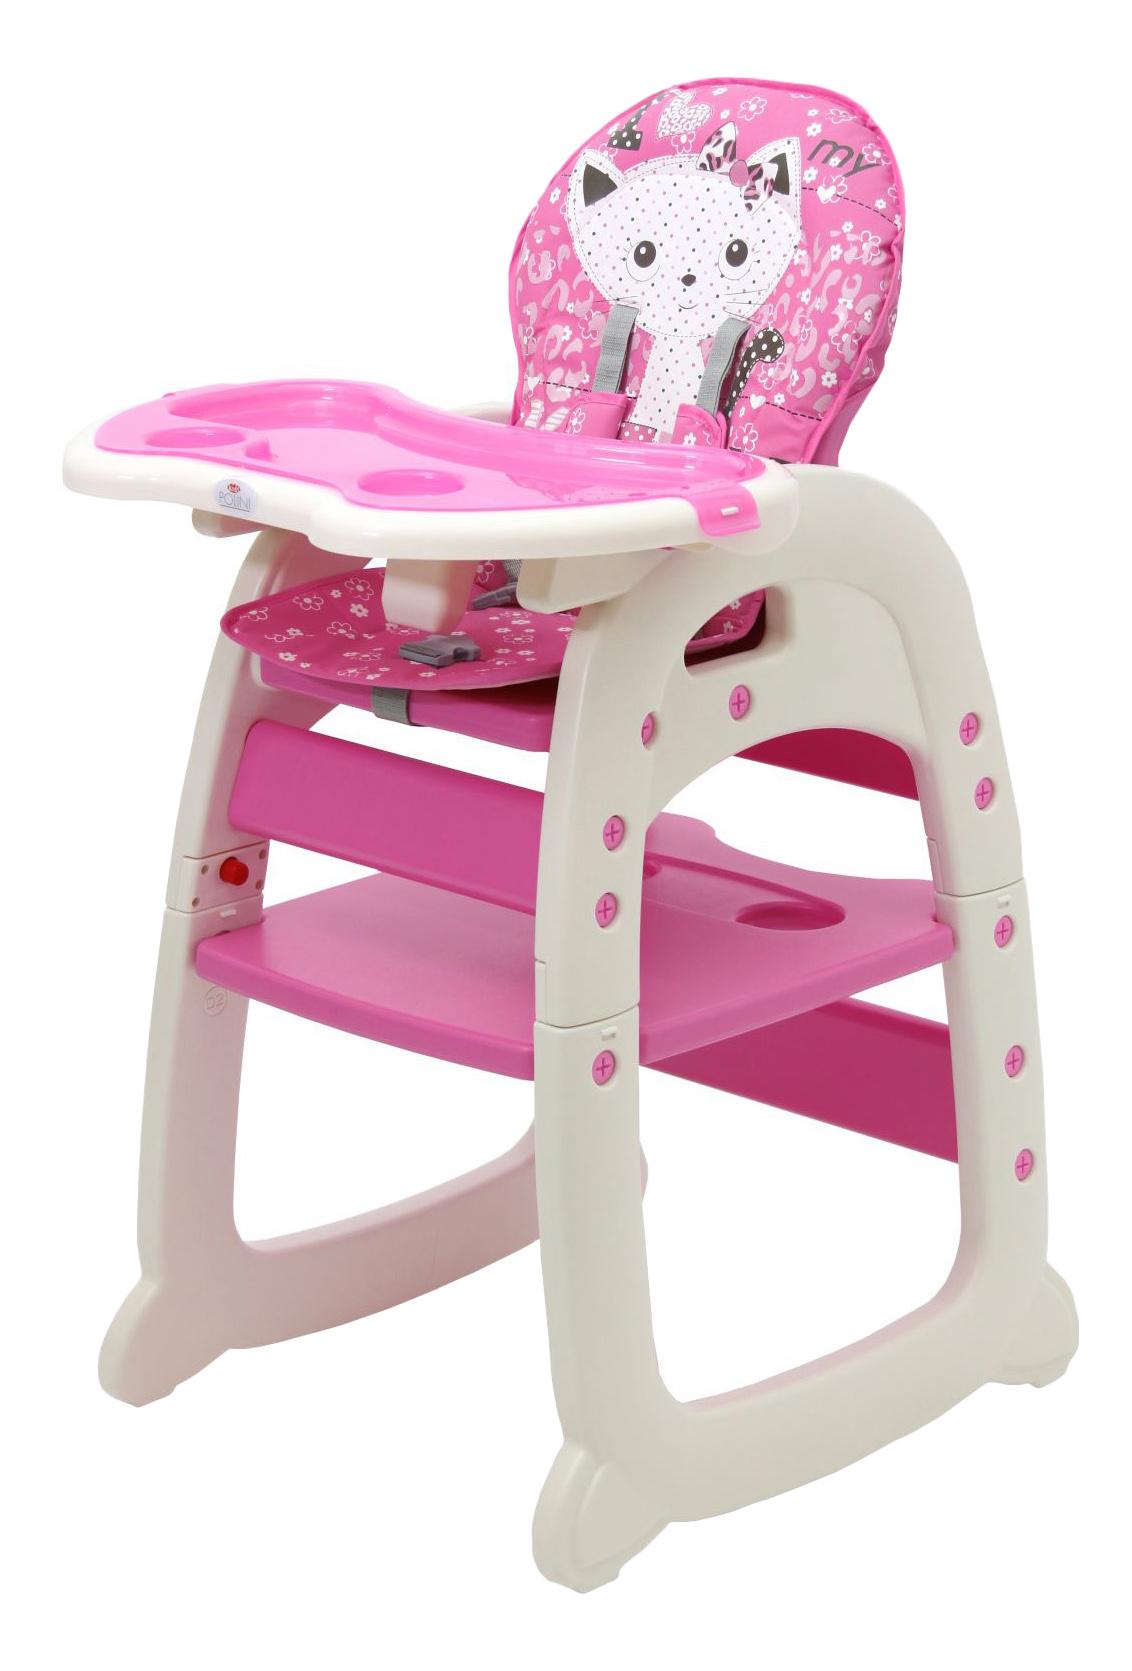 Стульчик для кормления Тополь Polini 460 розовый, Стульчики для кормления  - купить со скидкой